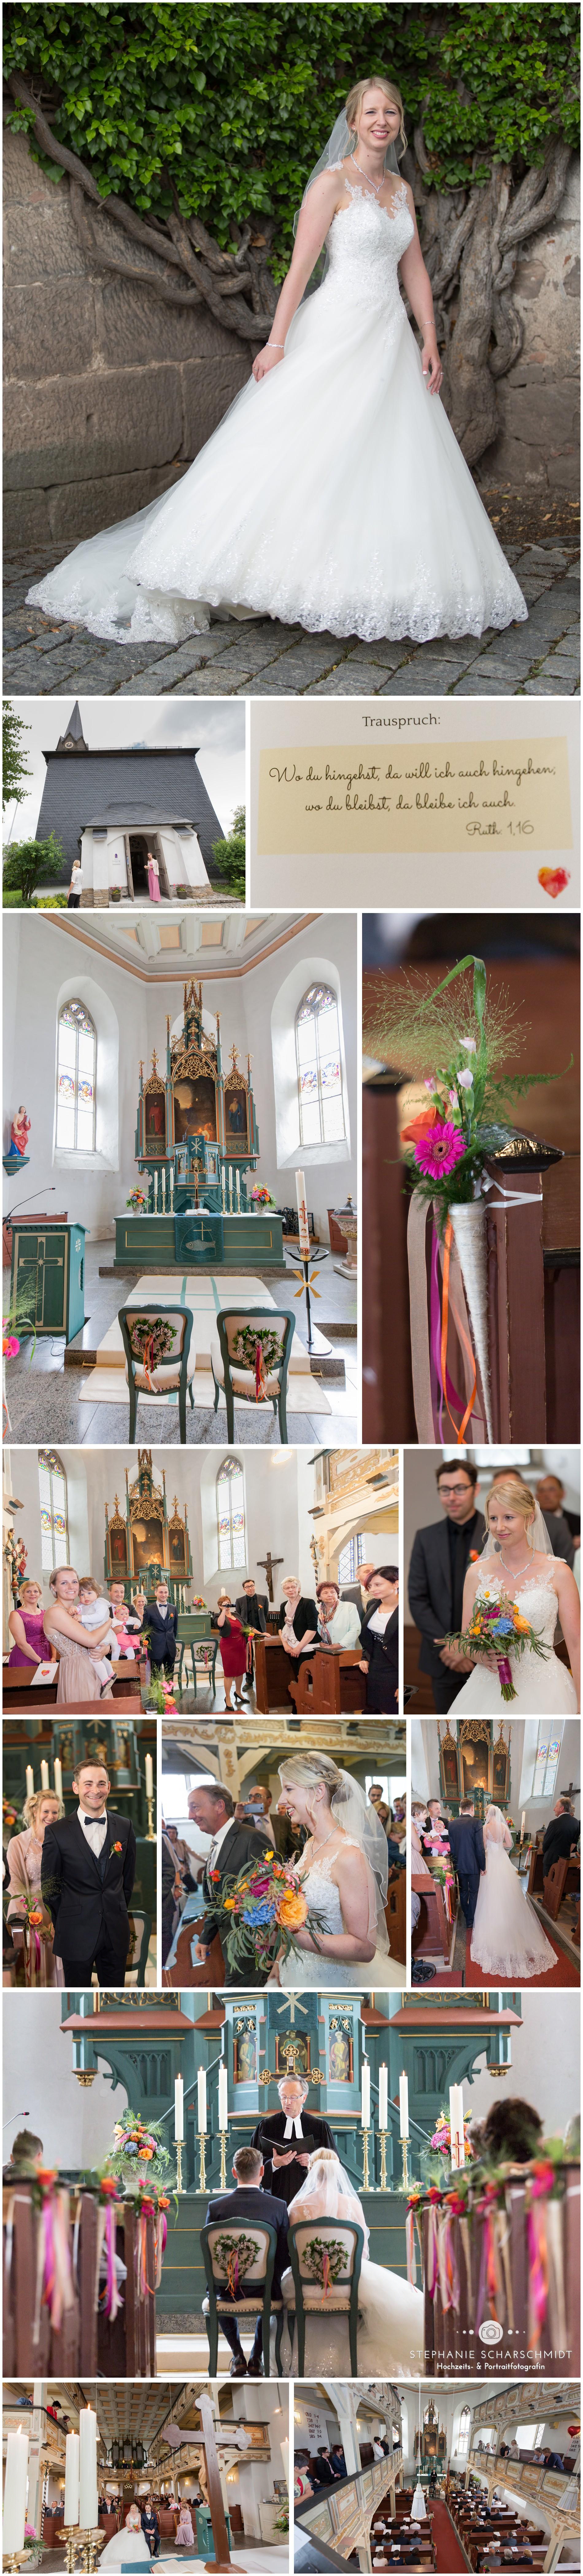 Hochzeit Landkreis Hof - Hochzeits- und Portraitfotografin Stephanie Scharschmidt